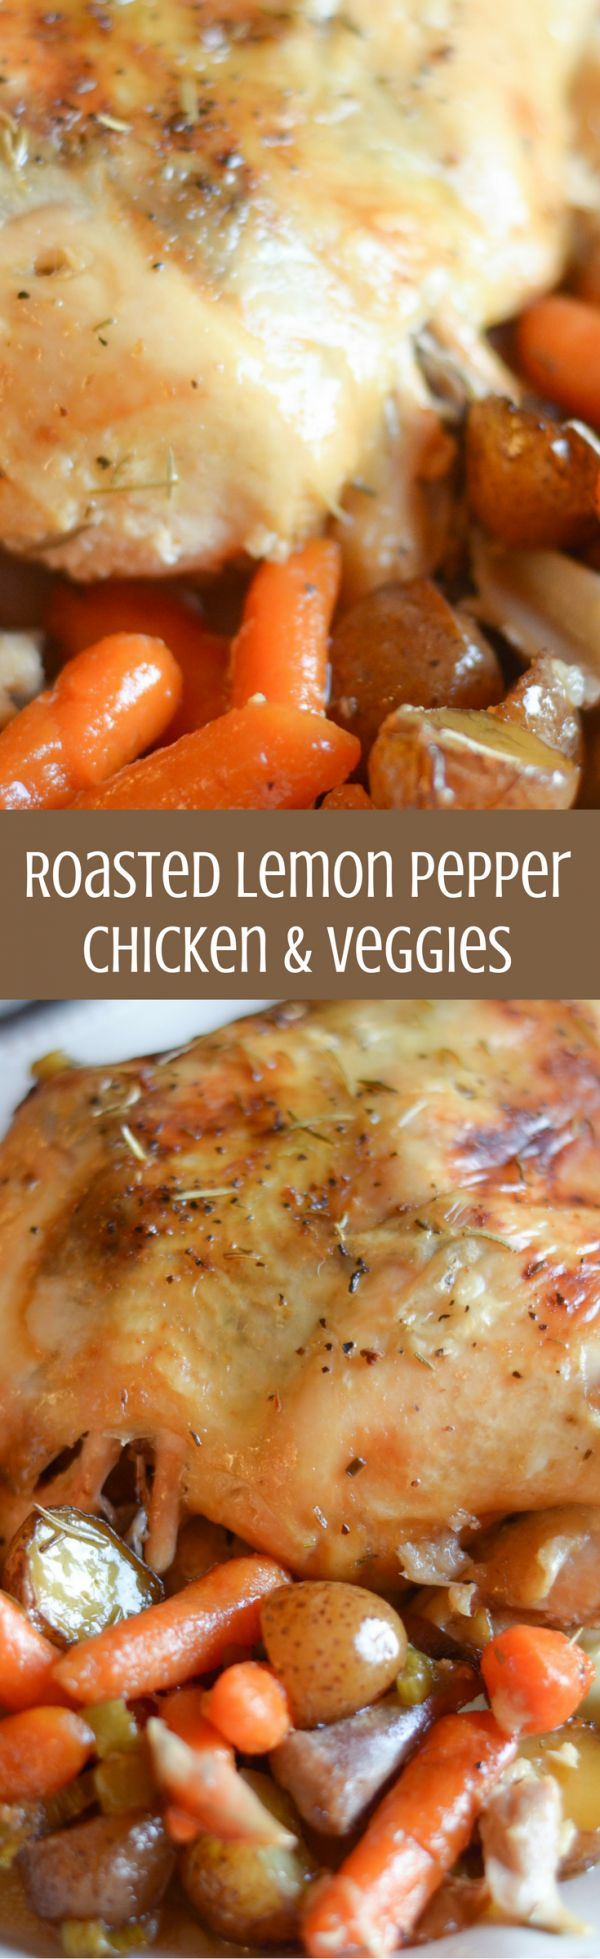 Roasted Lemon Pepper Chicken & Veggies